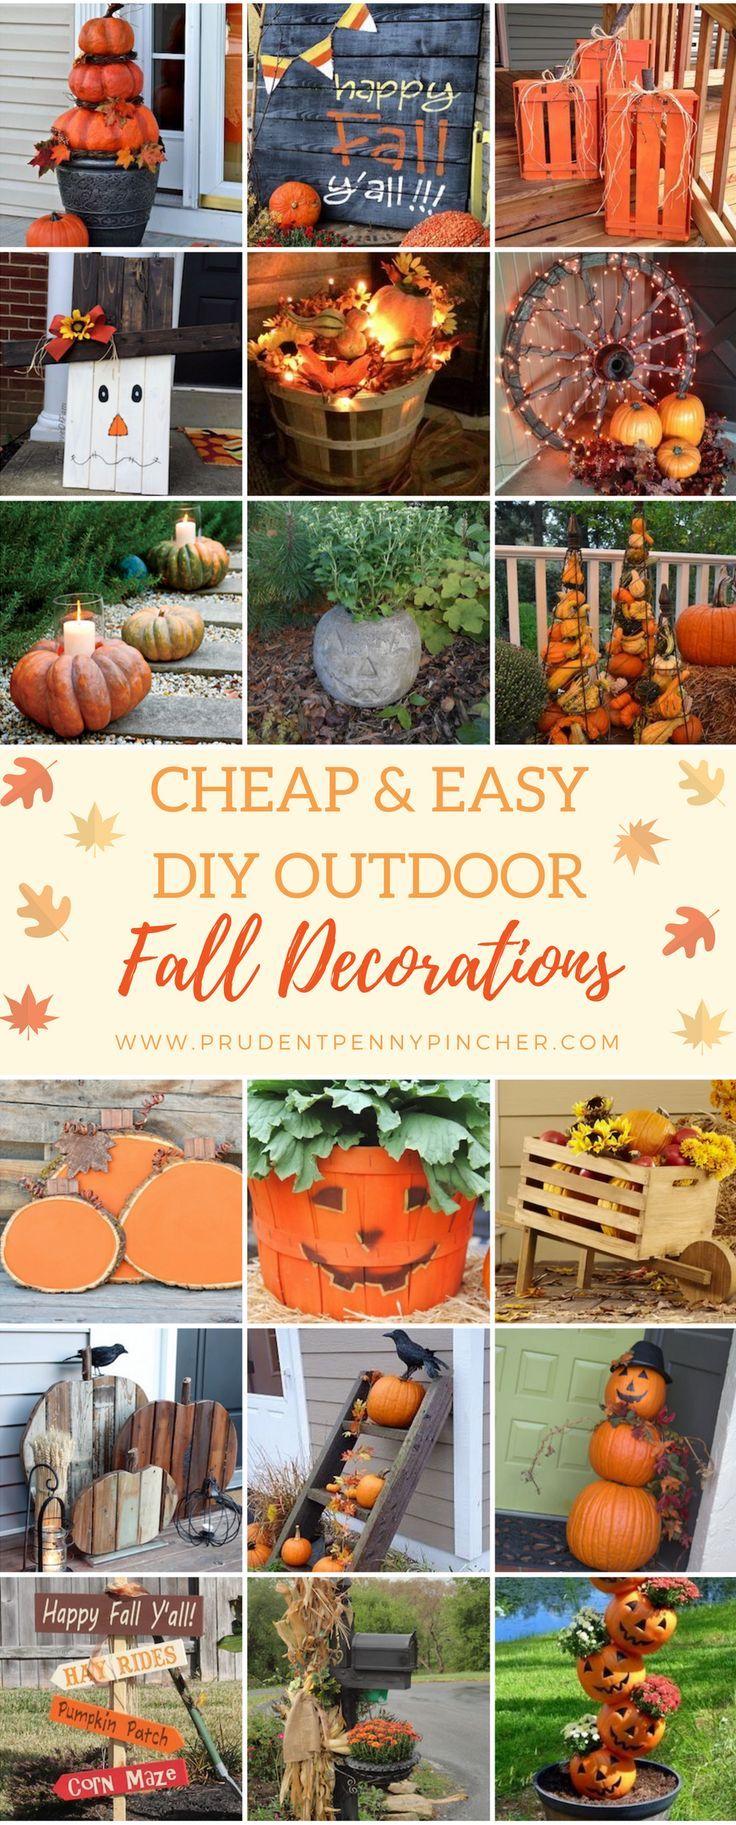 DIY Outdoor Fall Decor